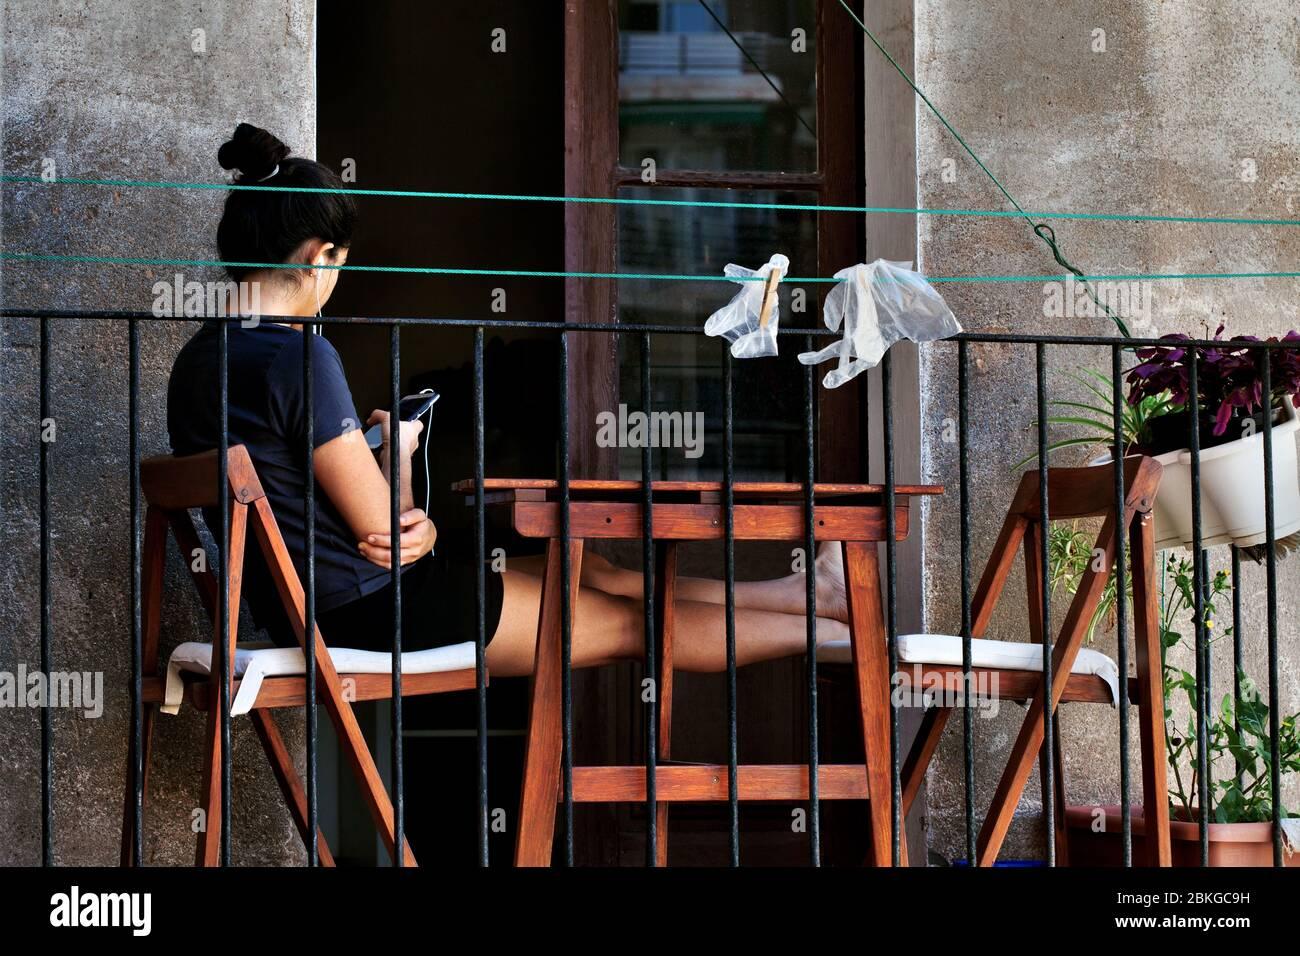 La joven se sentó en su balcón usando su smartphone. Foto de stock